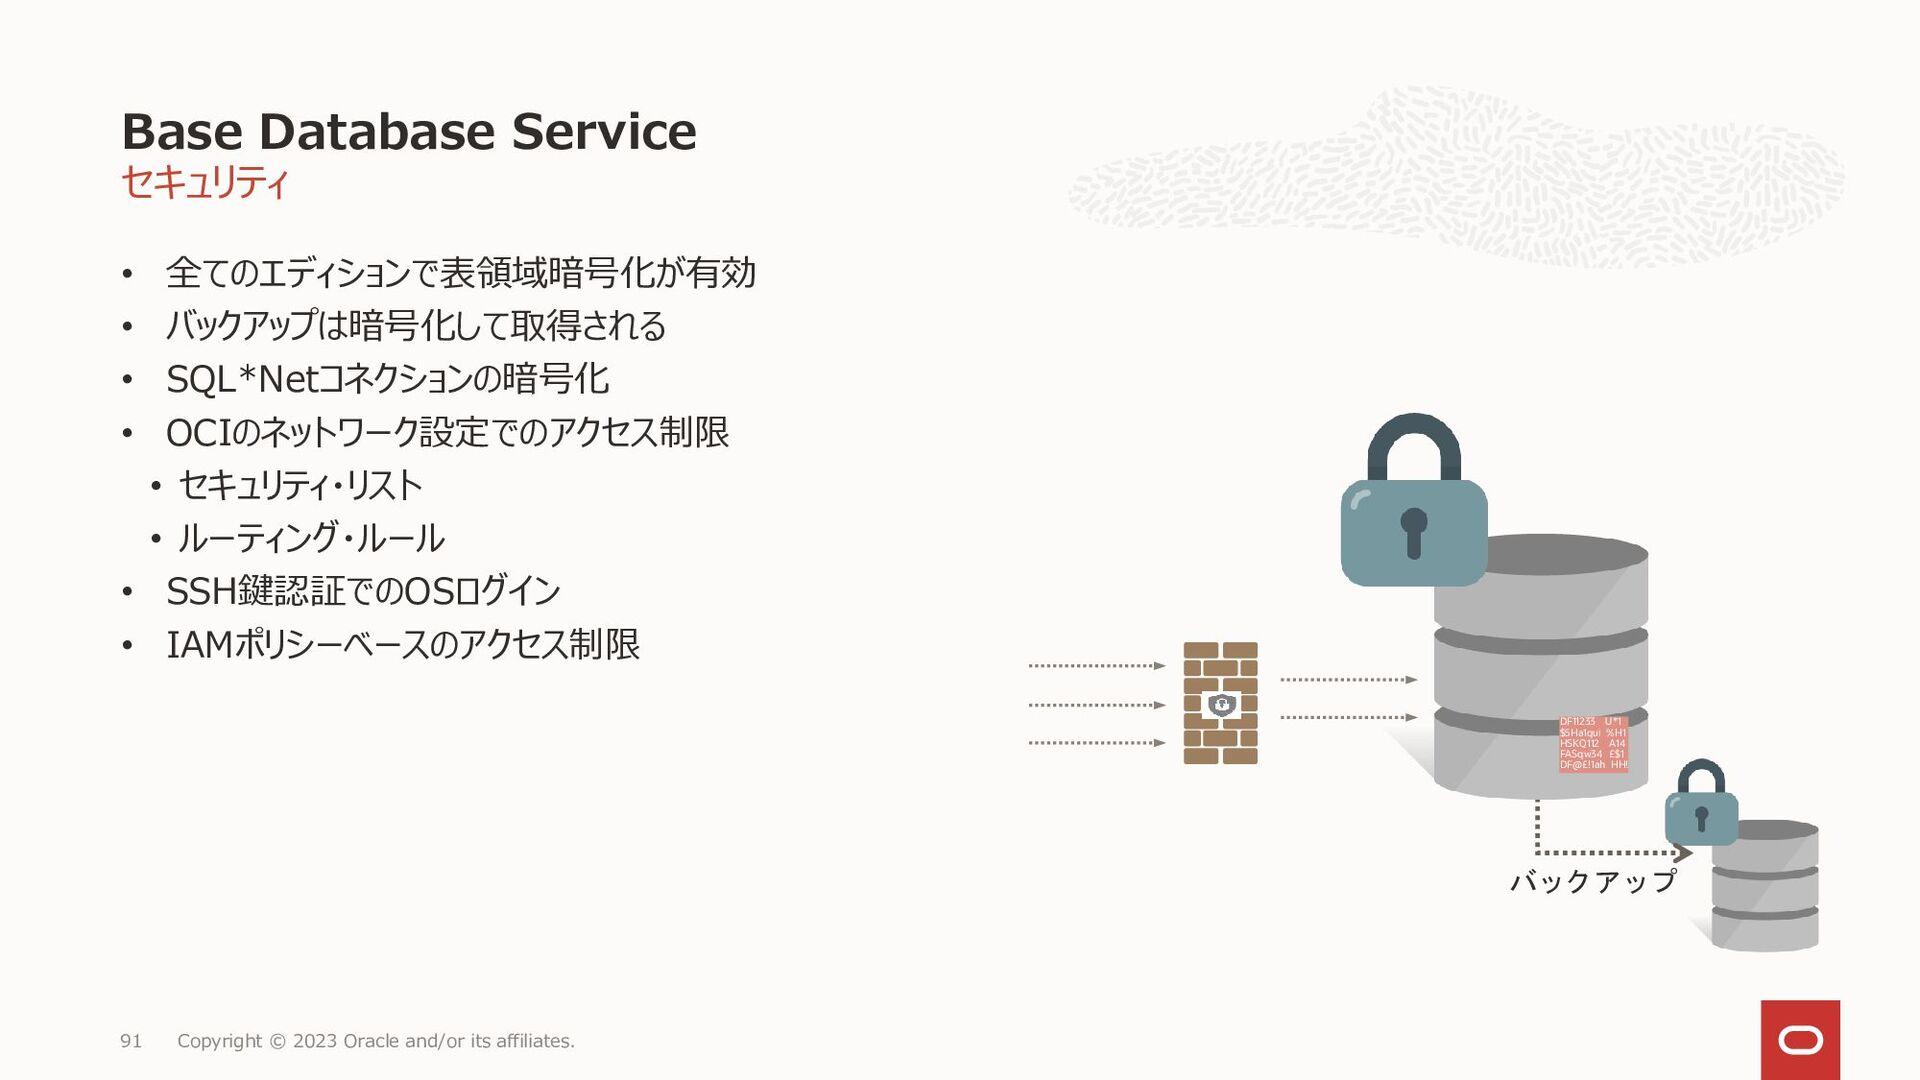 OCI DBCSのストレージIOPSは公表されておりません VMの場合Block Volume...